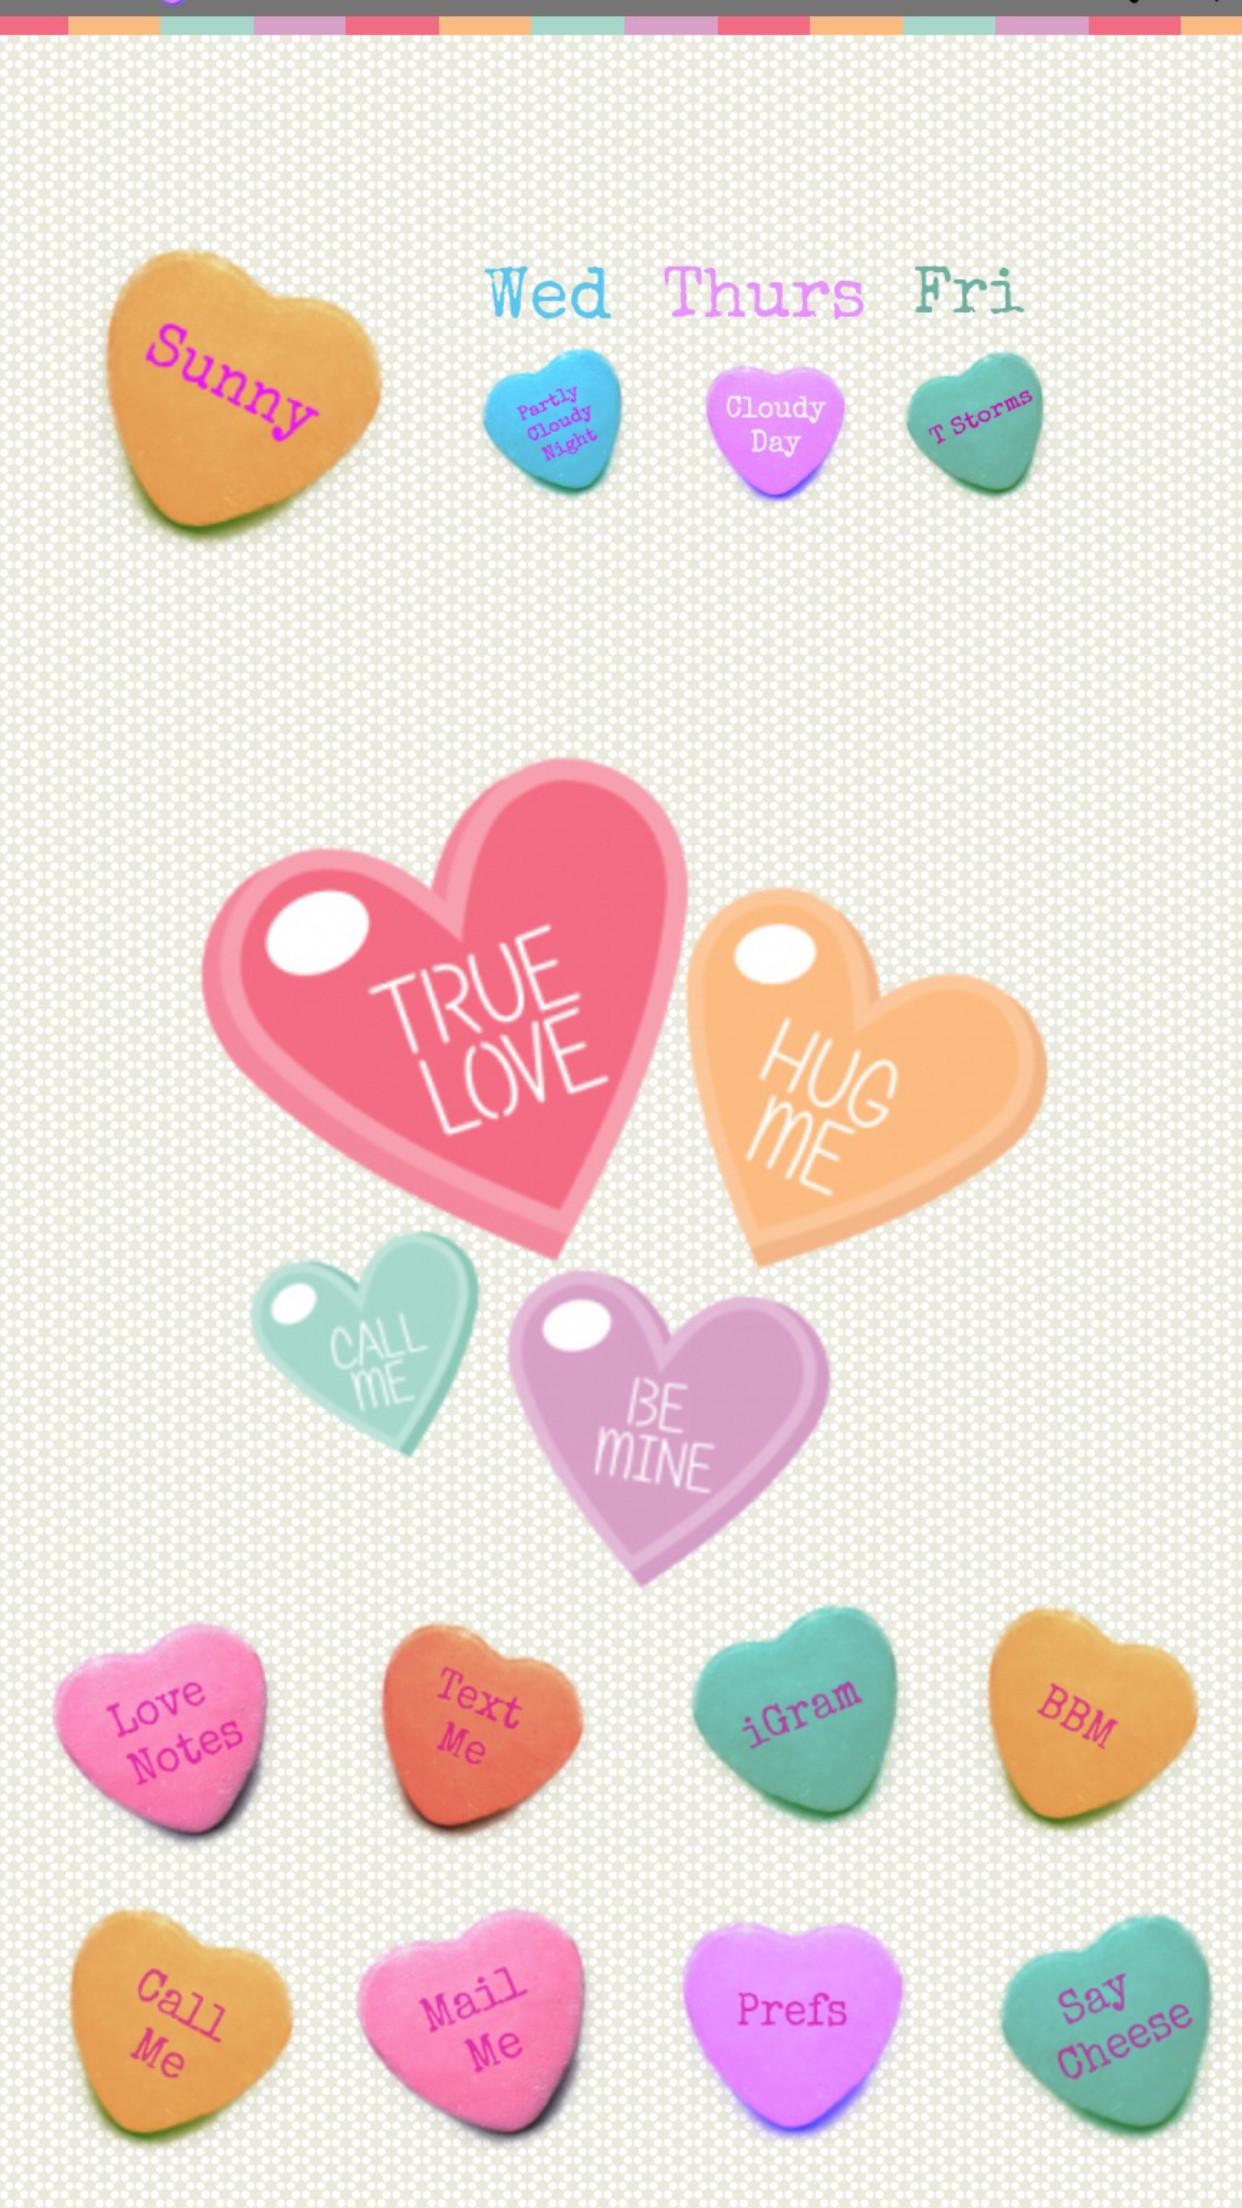 Heart Wallpaper, Wallpaper Backgrounds, Iphone Wallpaper, Kawaii, Shelves,  Walls, Screen, Funds, Several